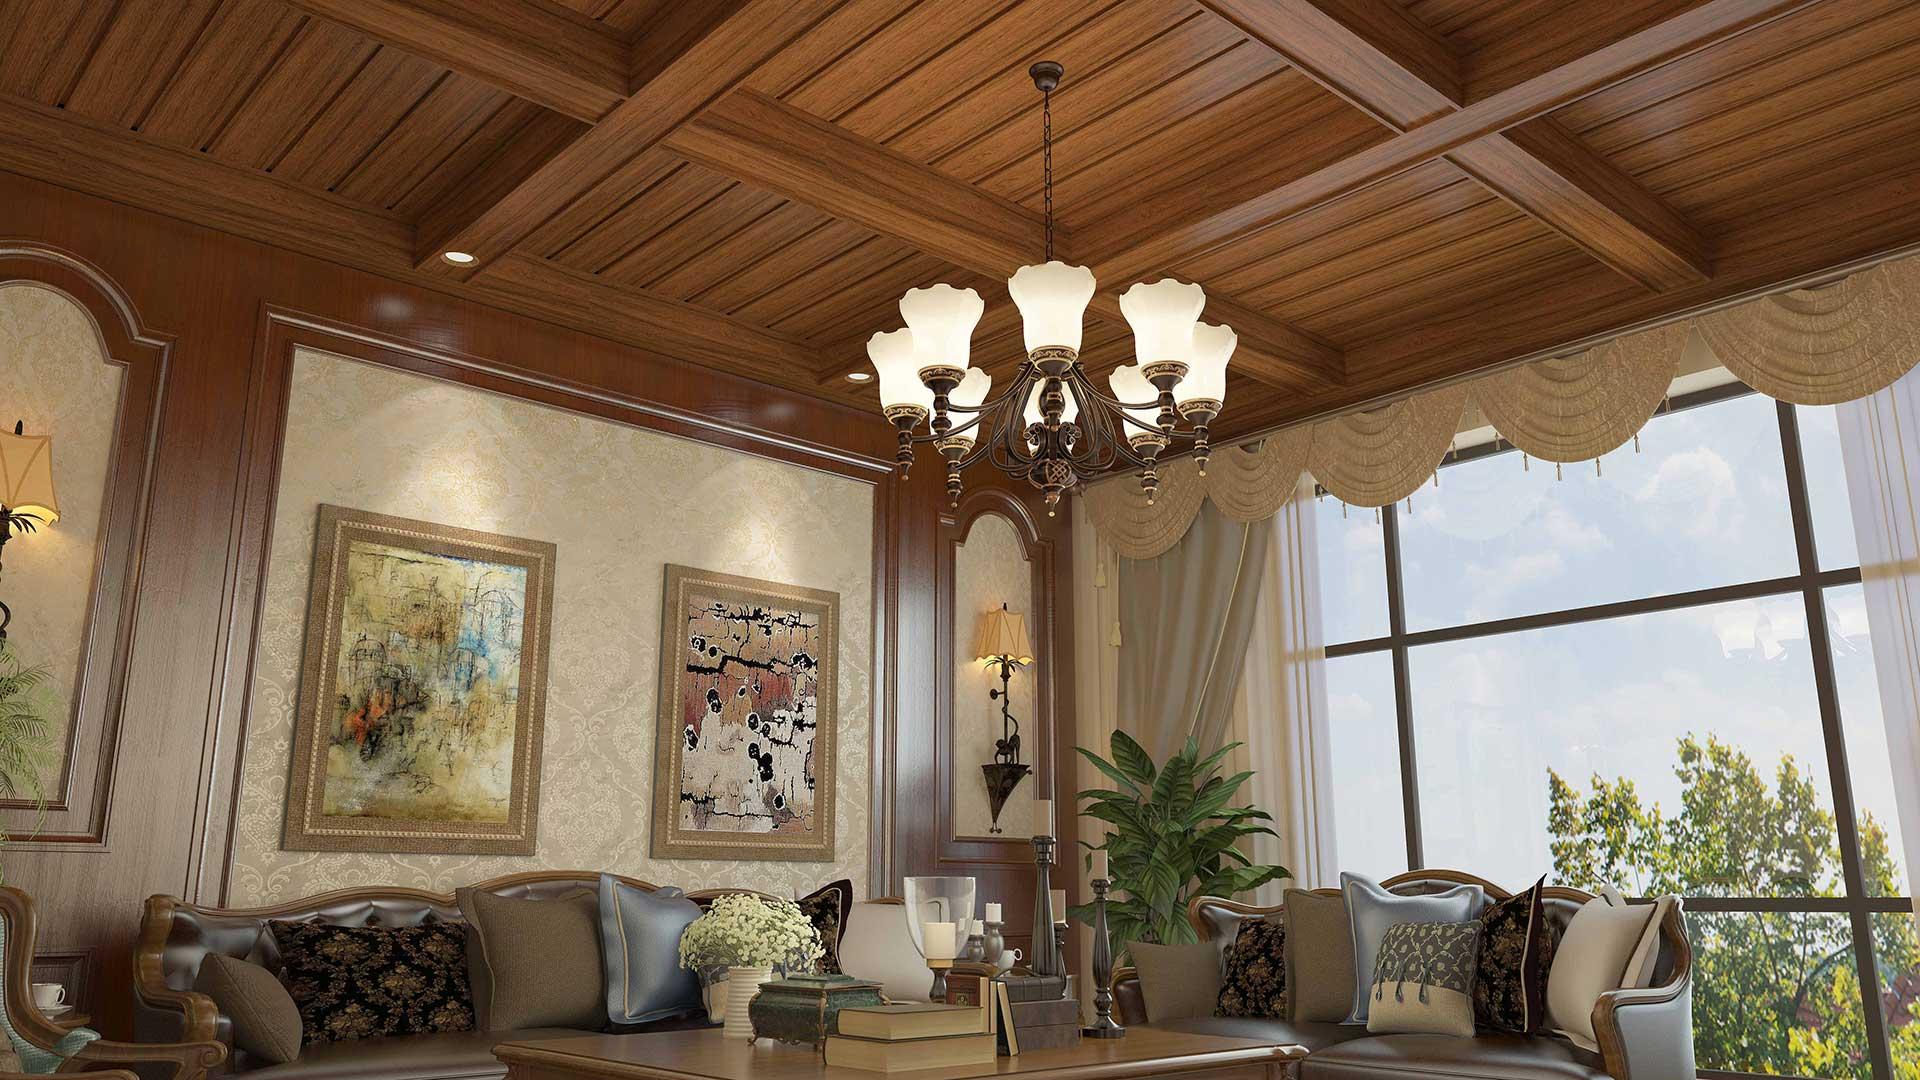 简豪铝木定制吊顶——常用吊顶天花有哪些优点与缺点